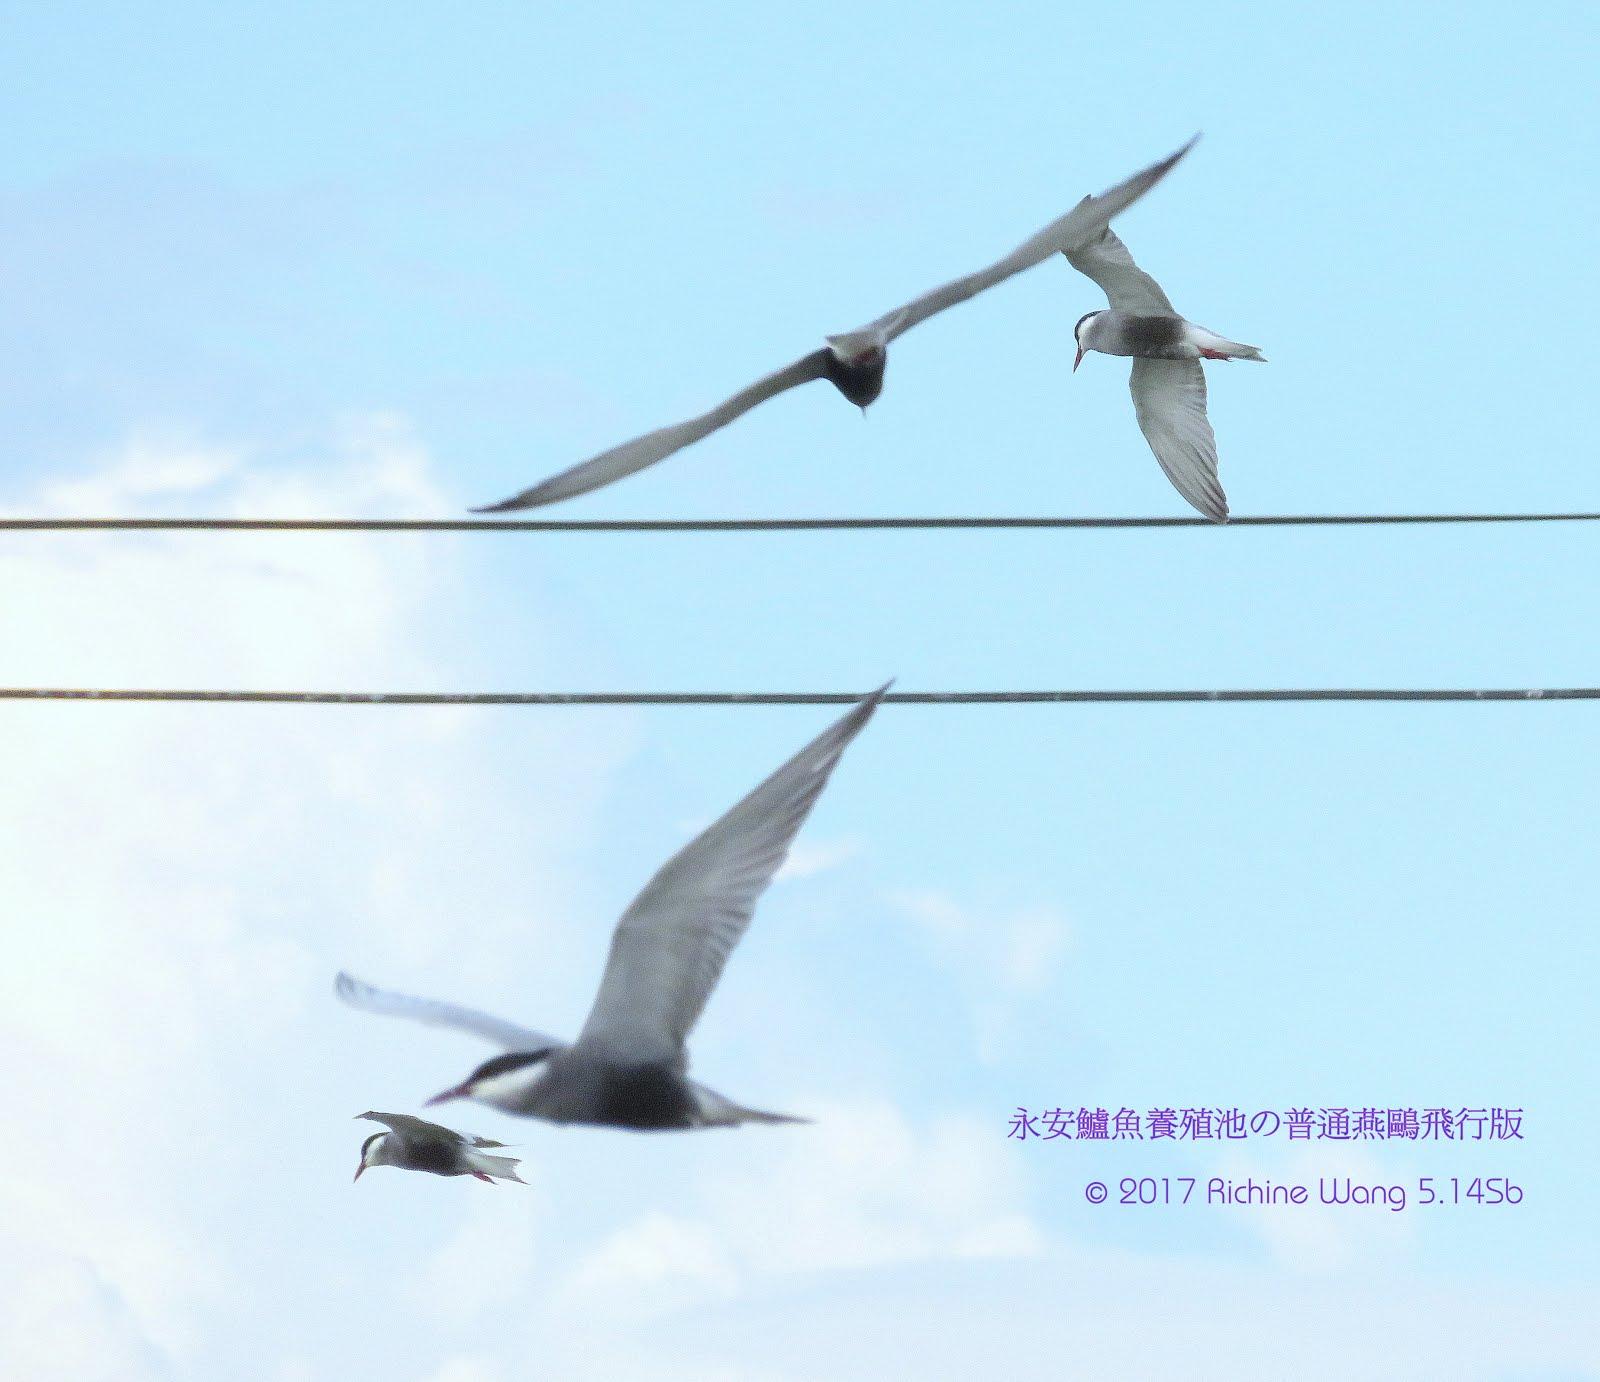 【高雄永安。春季黑腹燕鷗繁殖羽飛行獵影2017】05.14BFN - 31°c